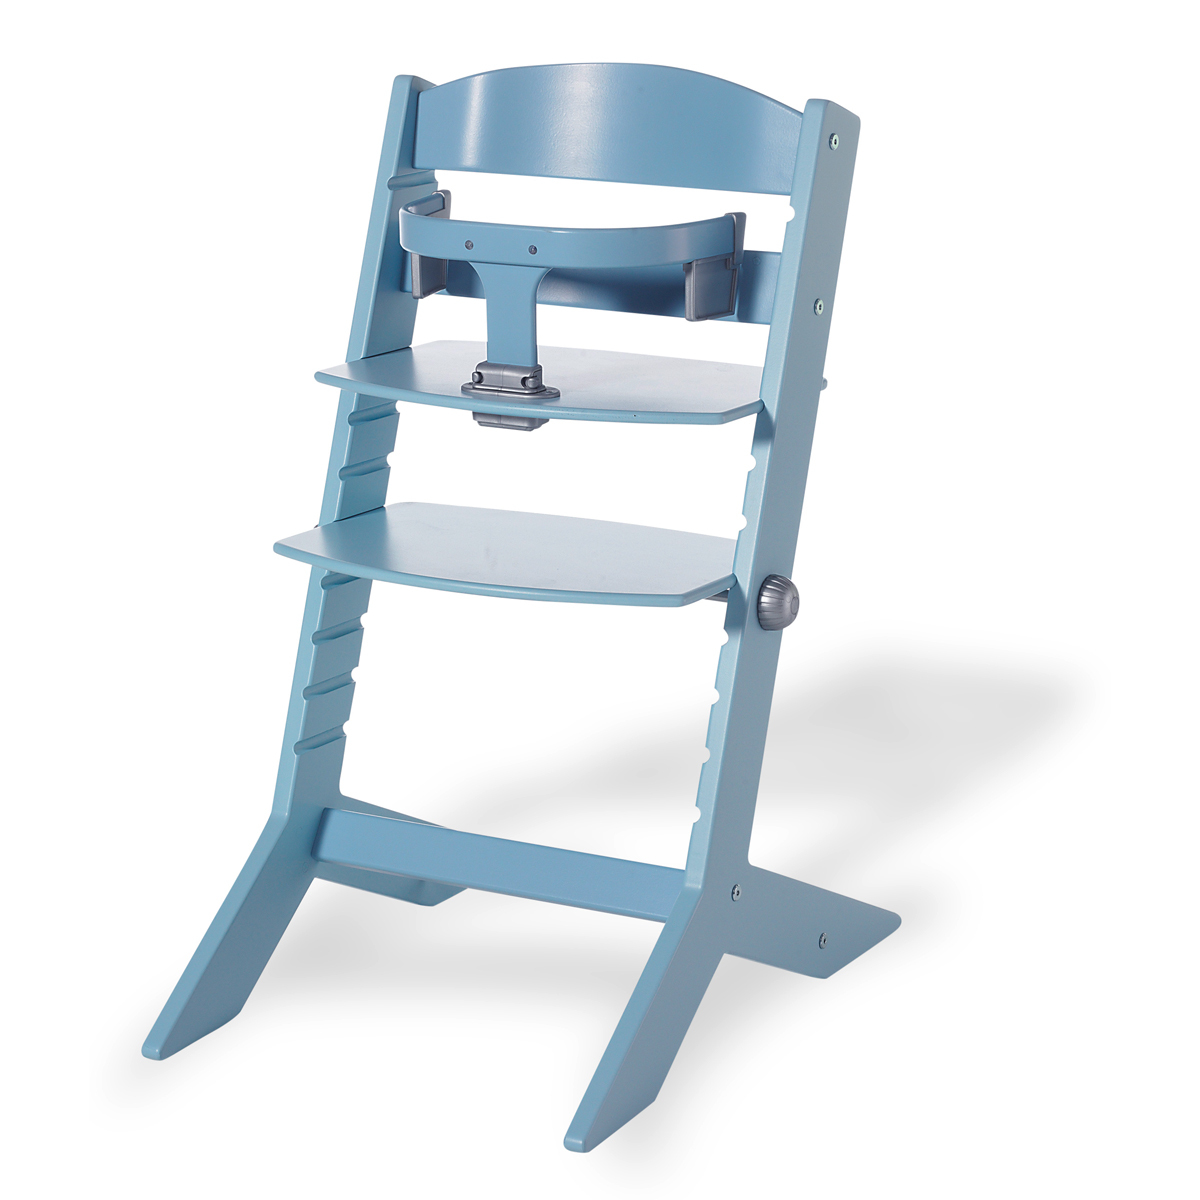 geuther ensemble chaise haute syt tablette coussin de chaise bleu etoiles chaise haute